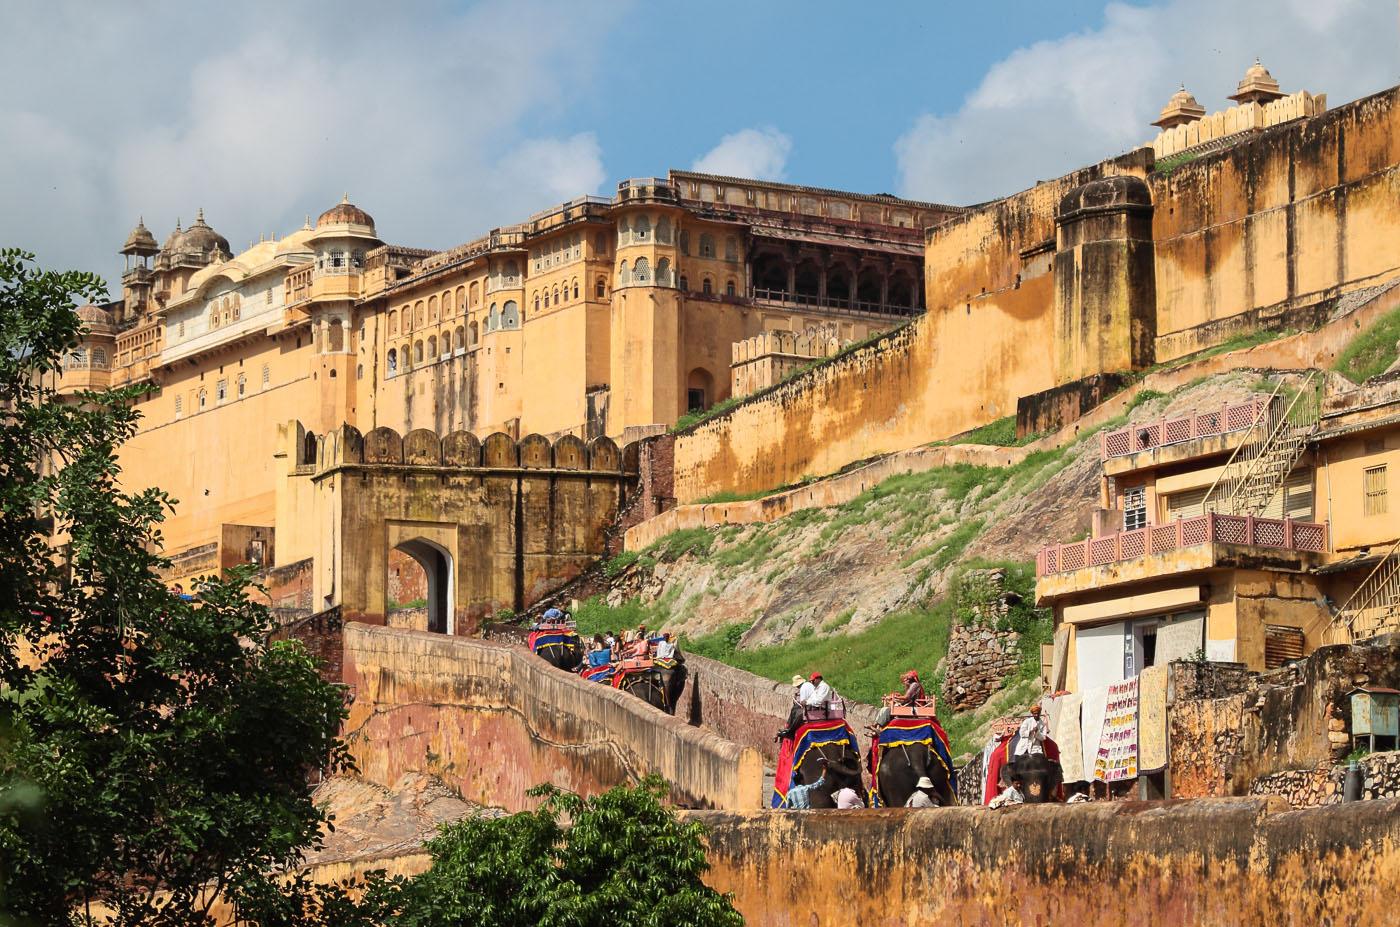 Фото 10. У древних крепостных стен в Джайпуре. Золотой треугольник Индии